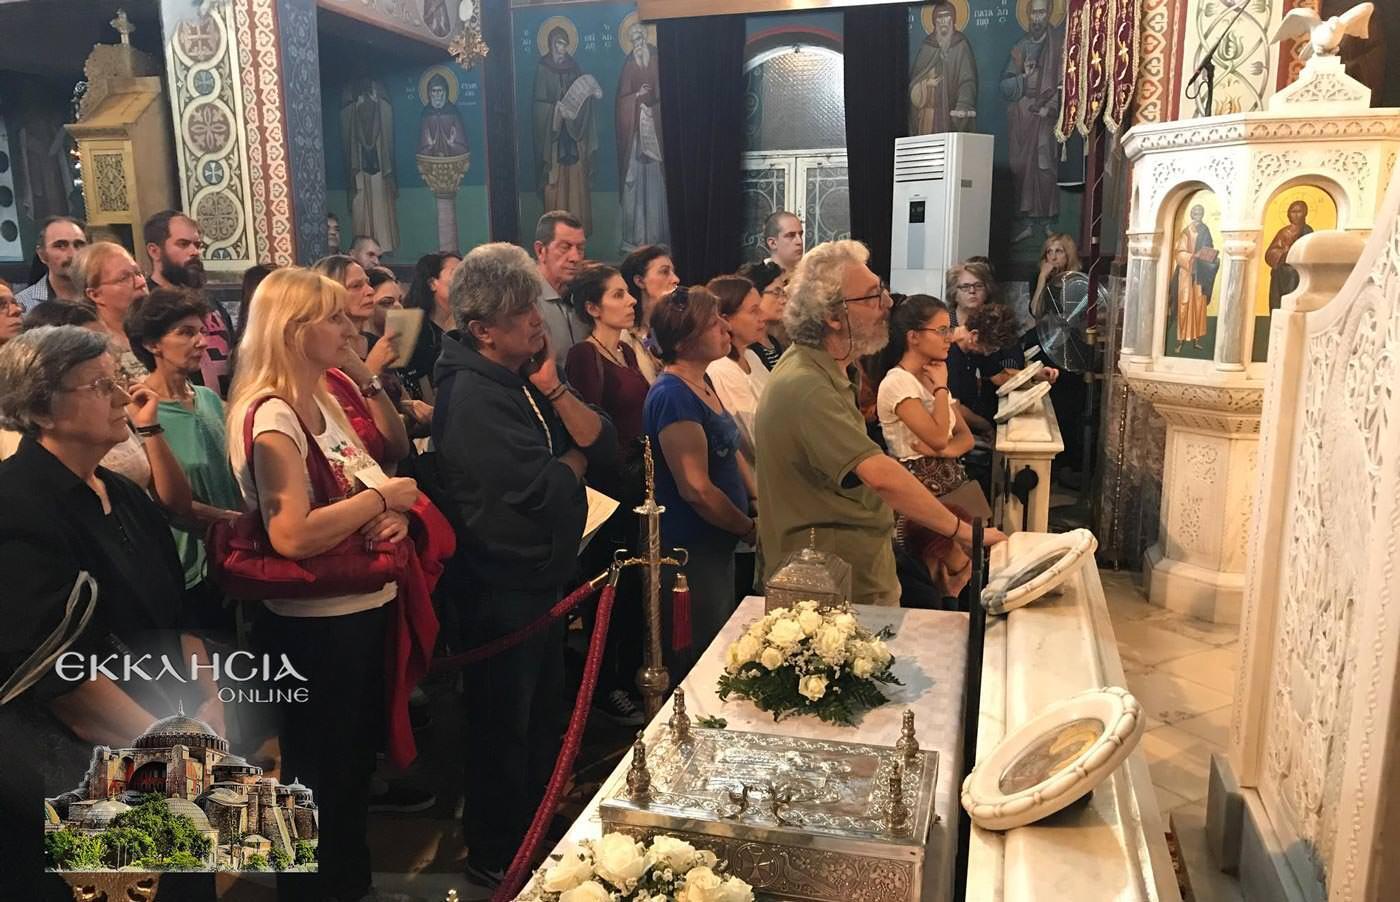 Ιερά Λείψανα Αγίας Παρασκευής Ιερός Ναός Μεταμορφώσεως Σωτήρος Βύρωνας